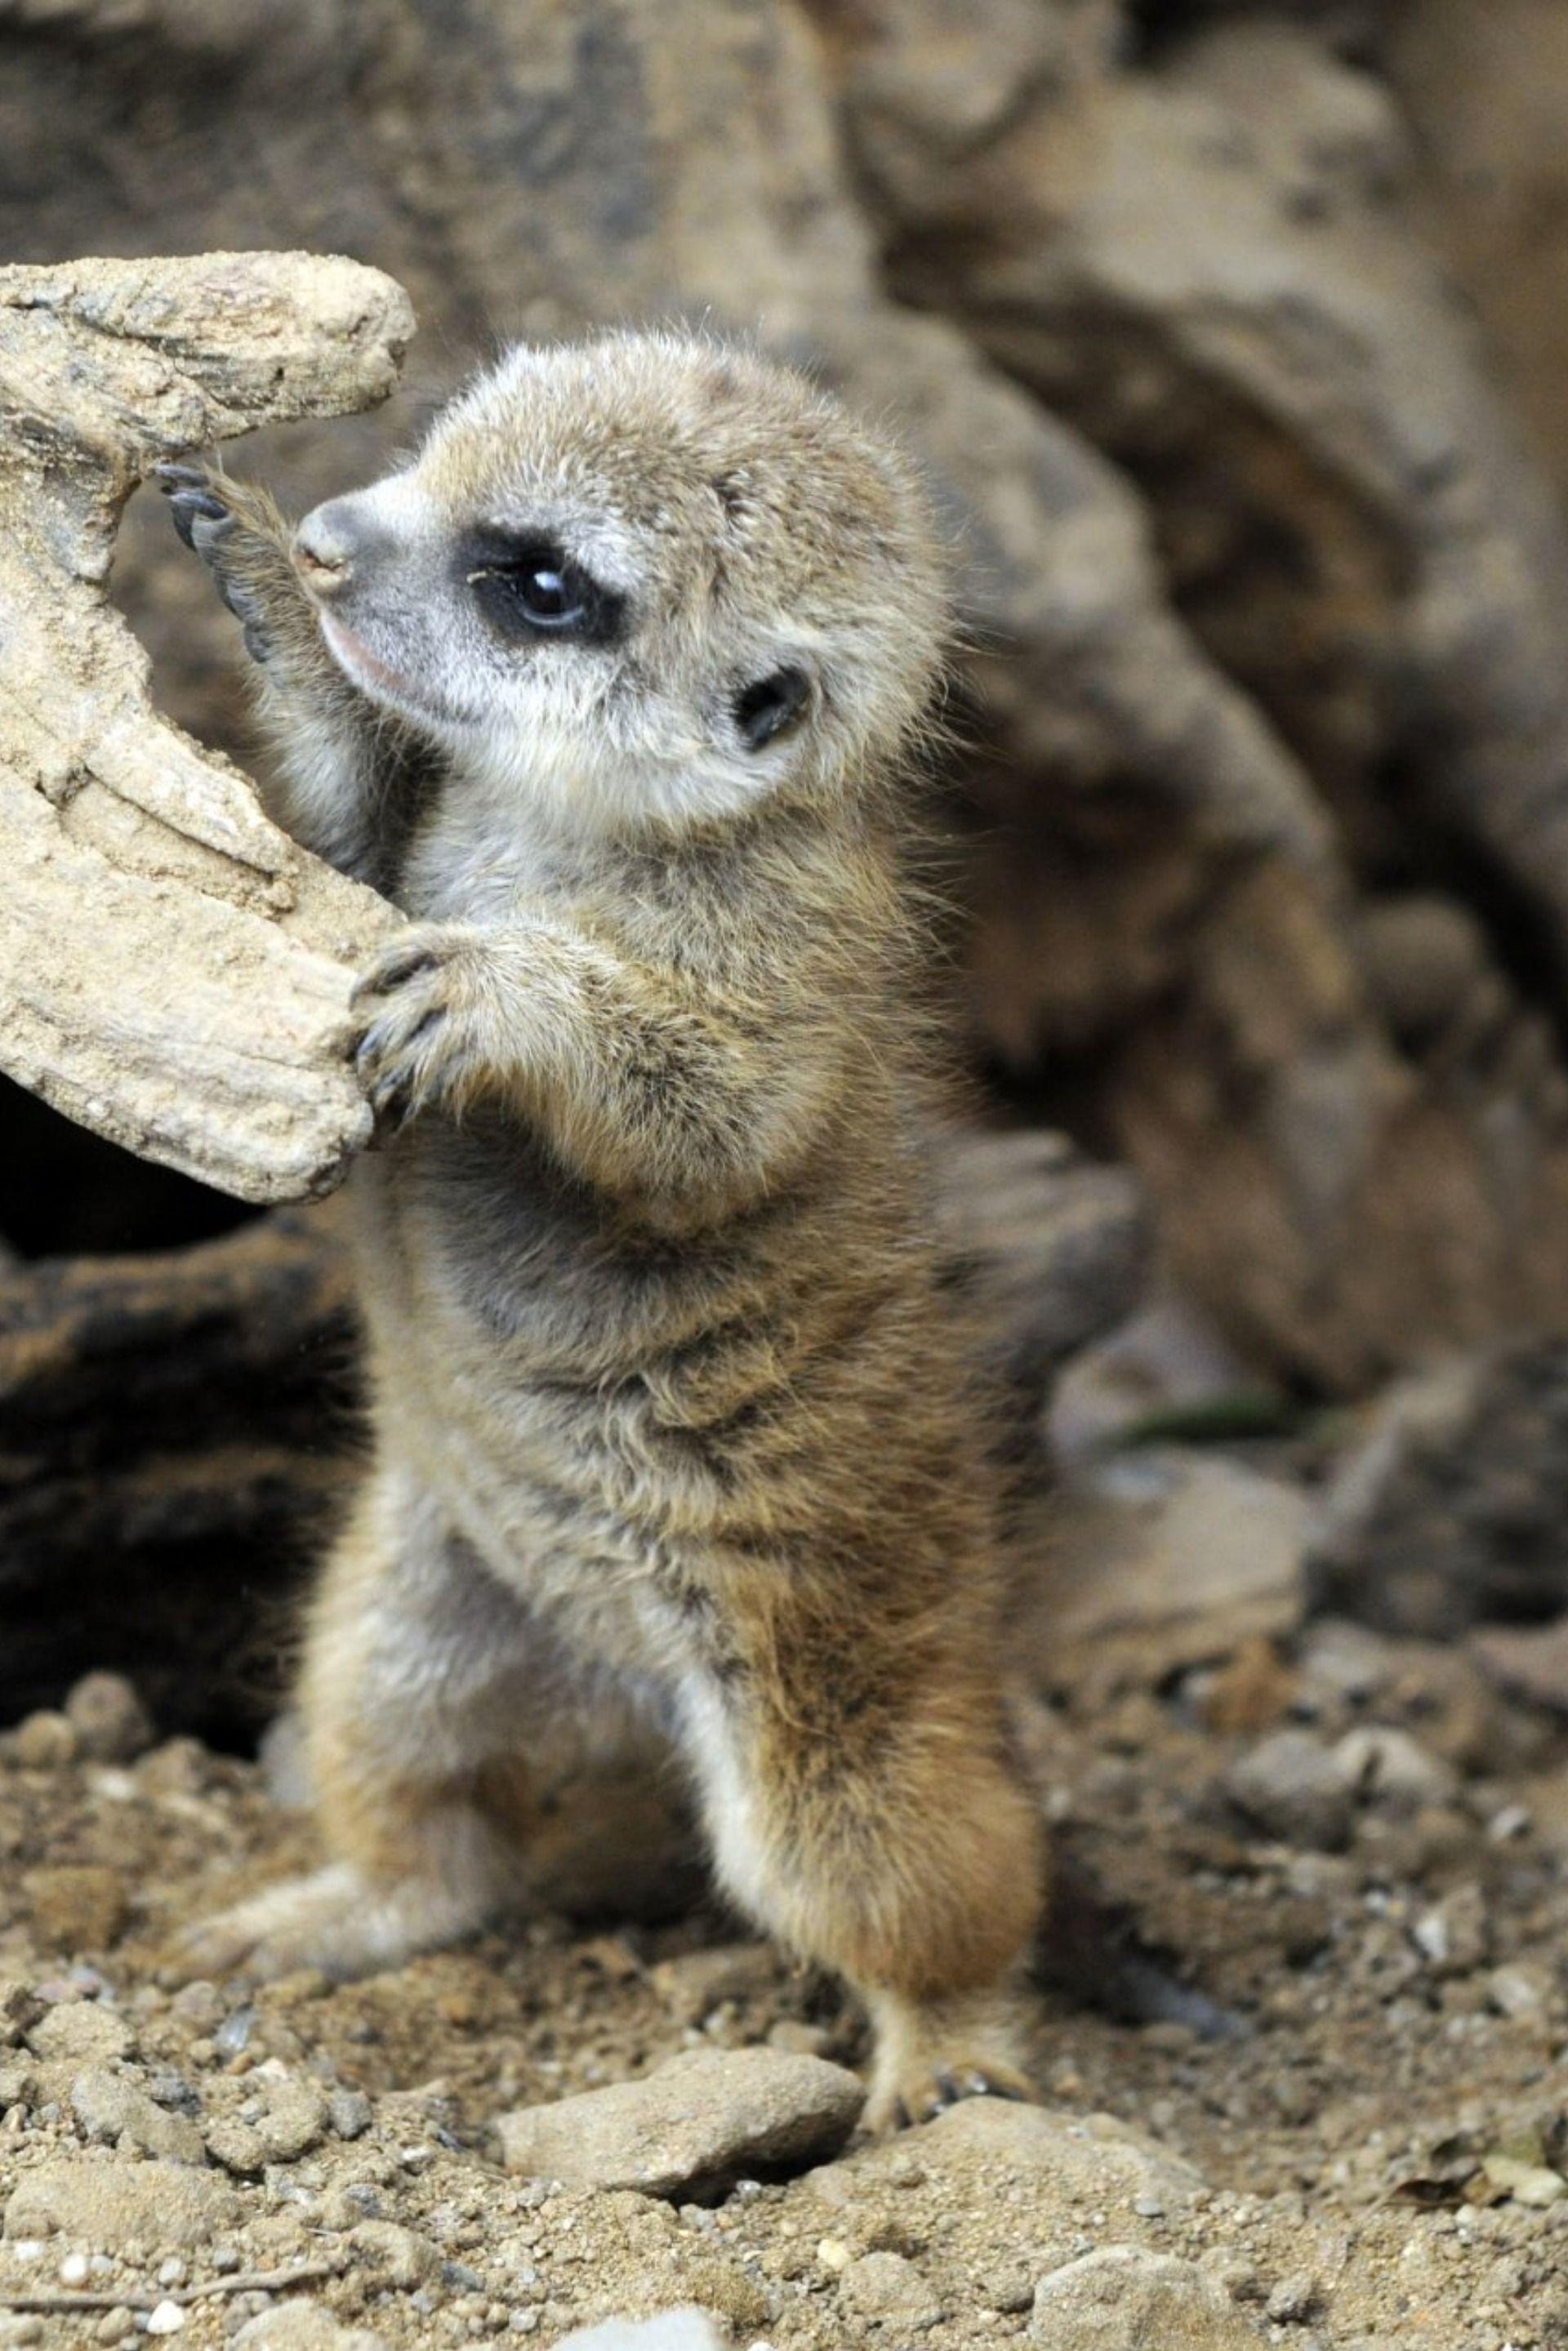 Suricate Babymammals Suricate かわいい動物の赤ちゃん ミーアキャット 可愛すぎる動物